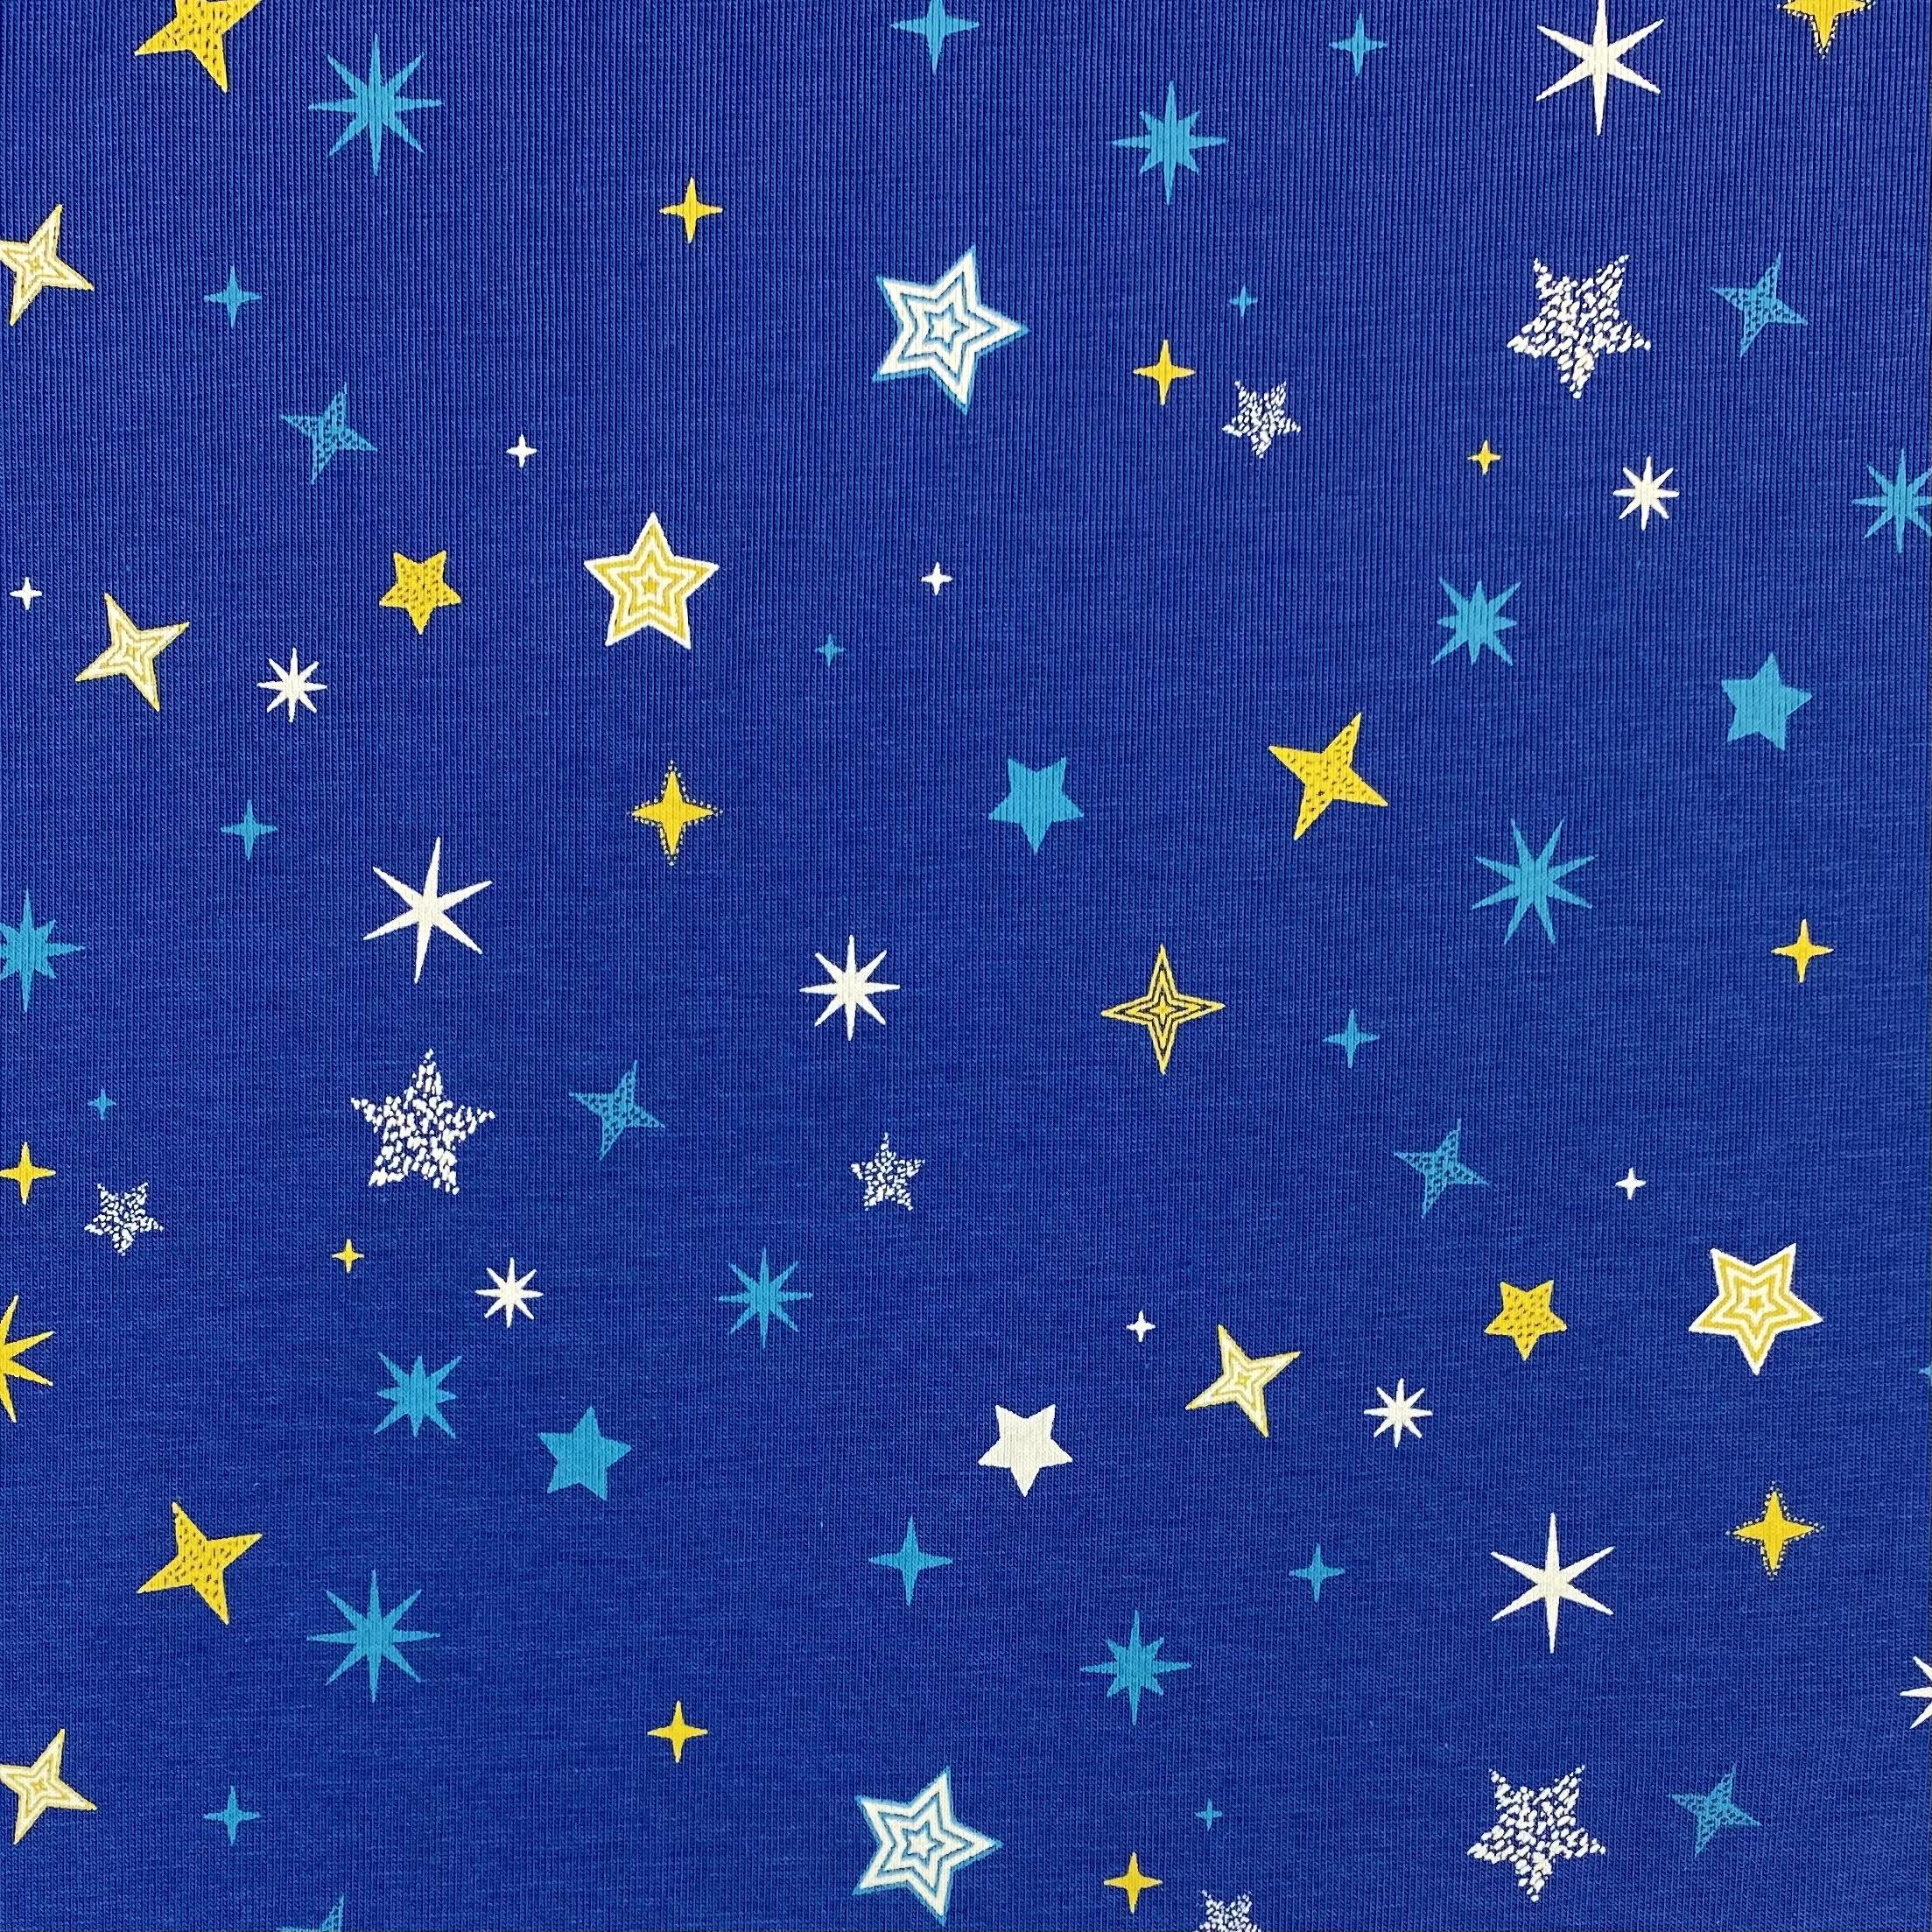 Baumwolljersey, bunte Sterne. Art. KC1449-107